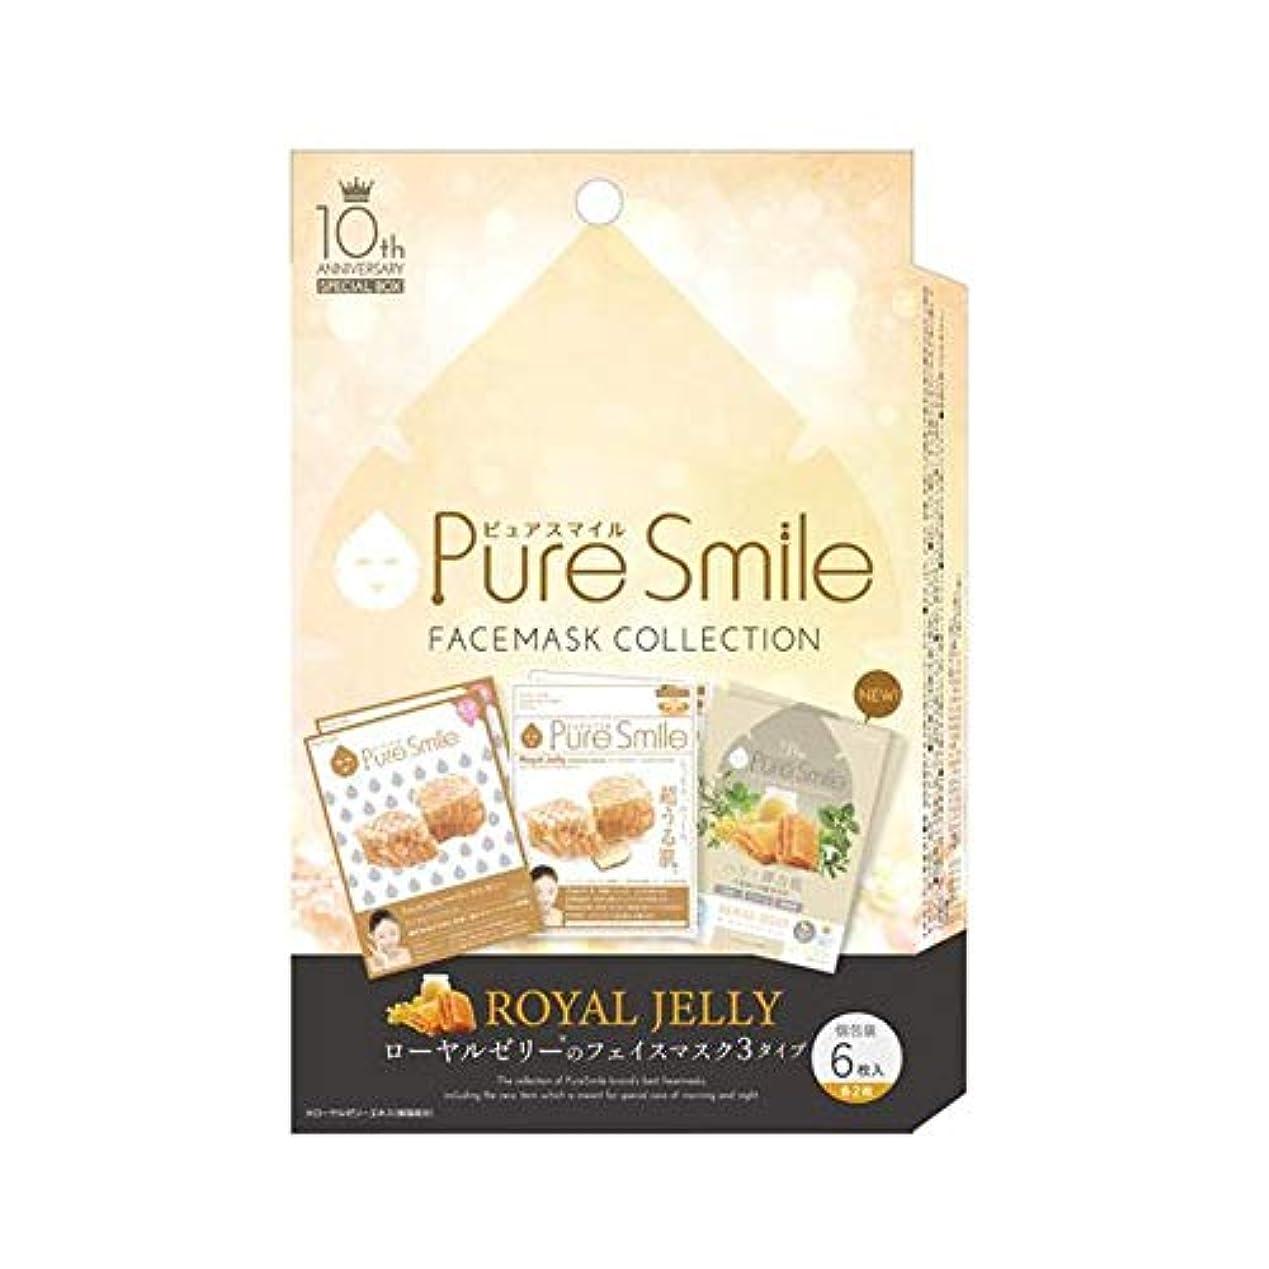 ラウズ座標添付ピュア スマイル Pure Smile 10thアニバーサリー スペシャルボックス ローヤルゼリーエキス 6枚入り